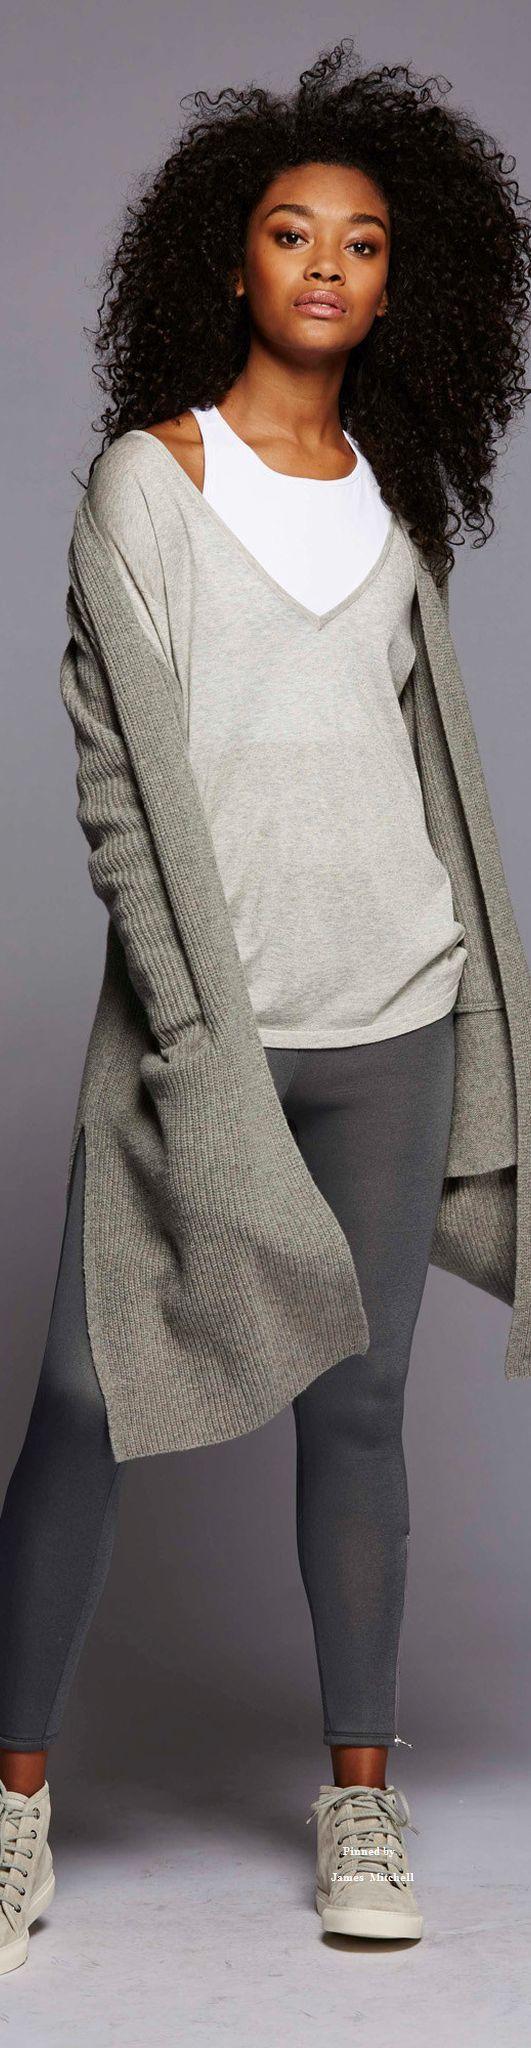 28 best Fashion Consultant - Colette Robicheau images on Pinterest ...